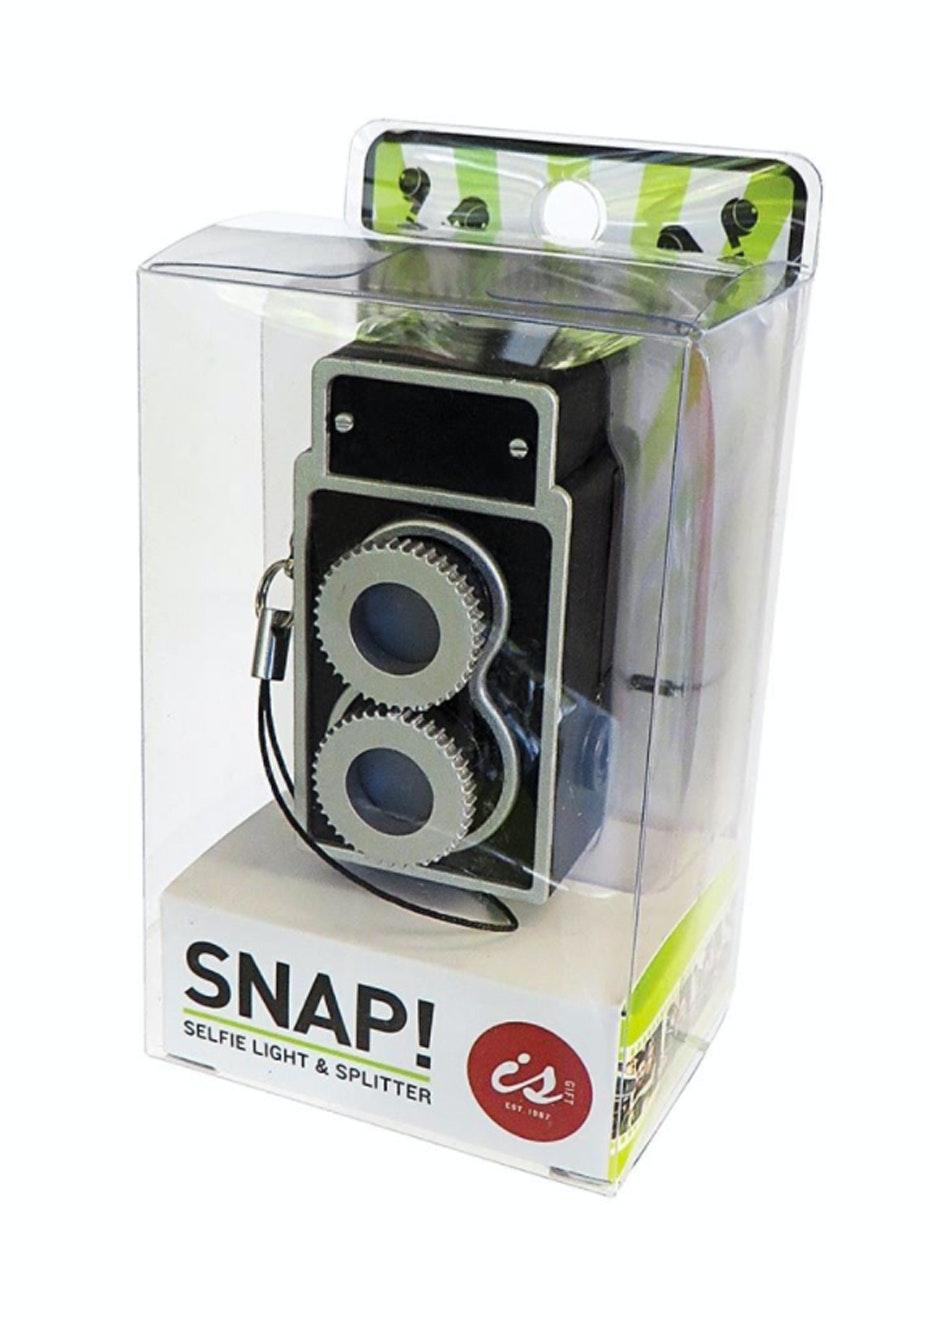 SNAP! Selfie Light & Splitter - Black